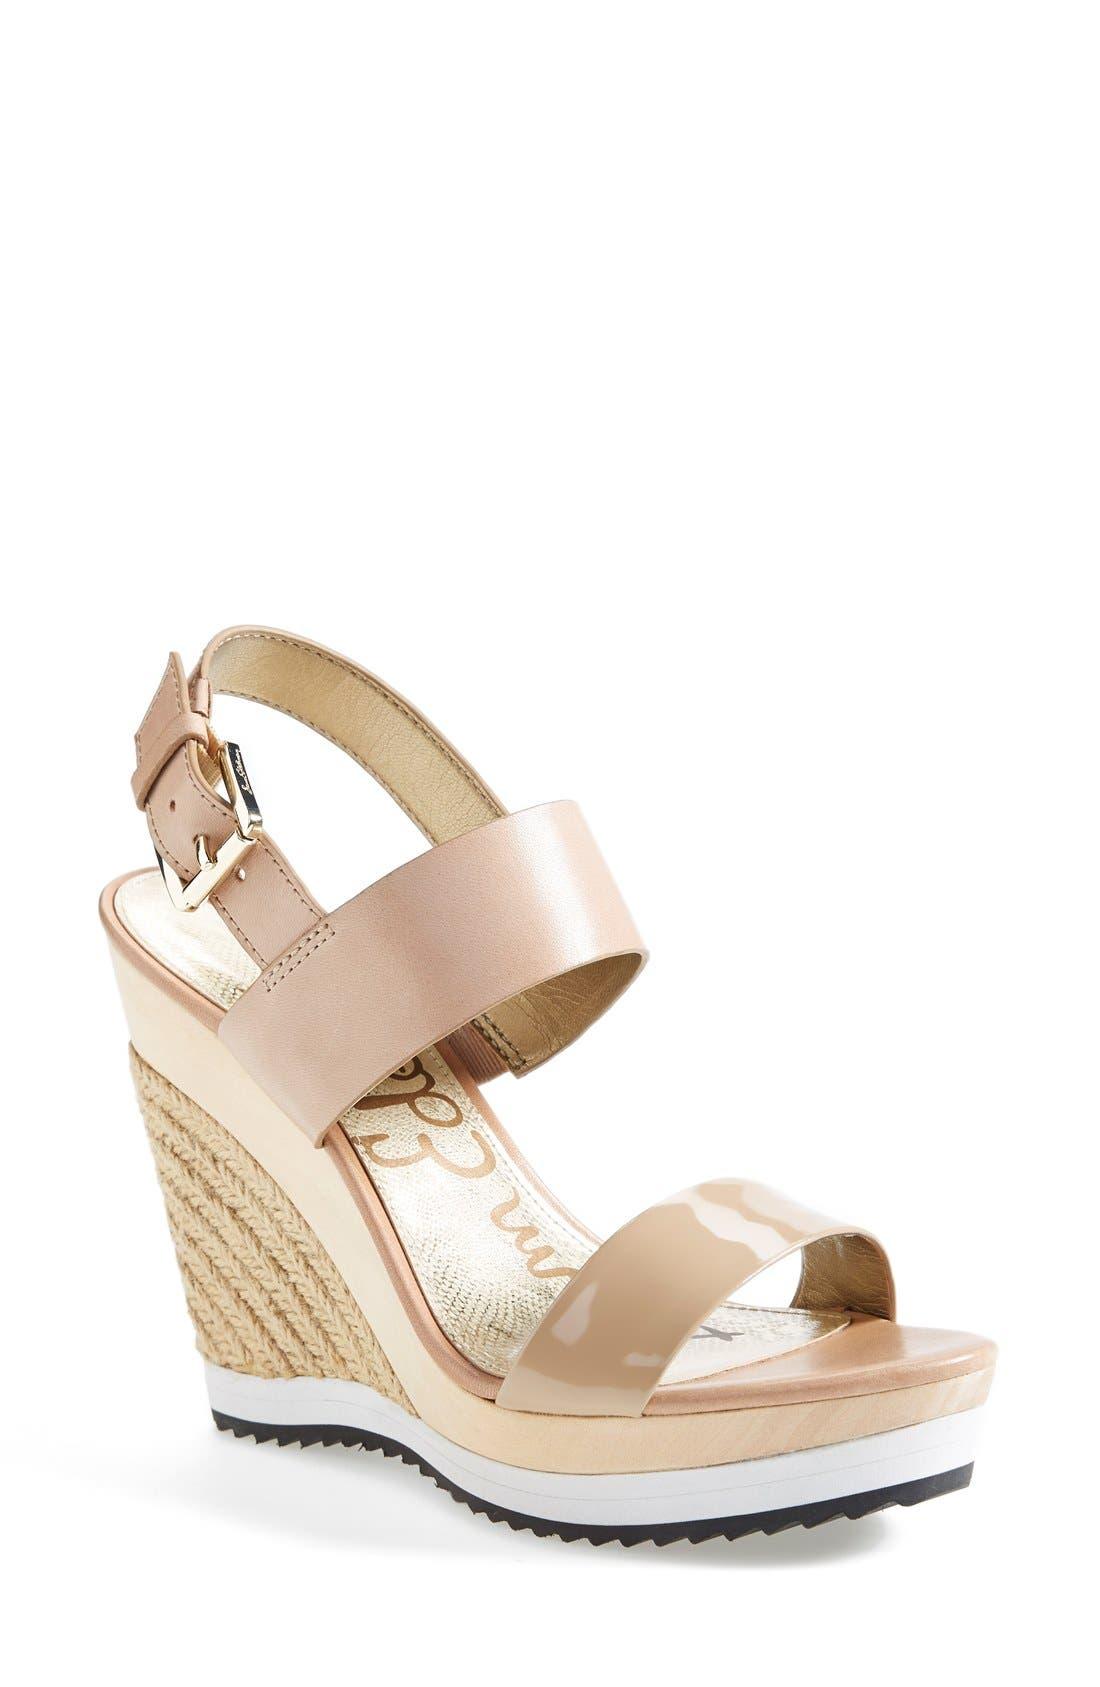 Alternate Image 1 Selected - Sam Edelman 'Korinne' Wedge Sandal (Women)